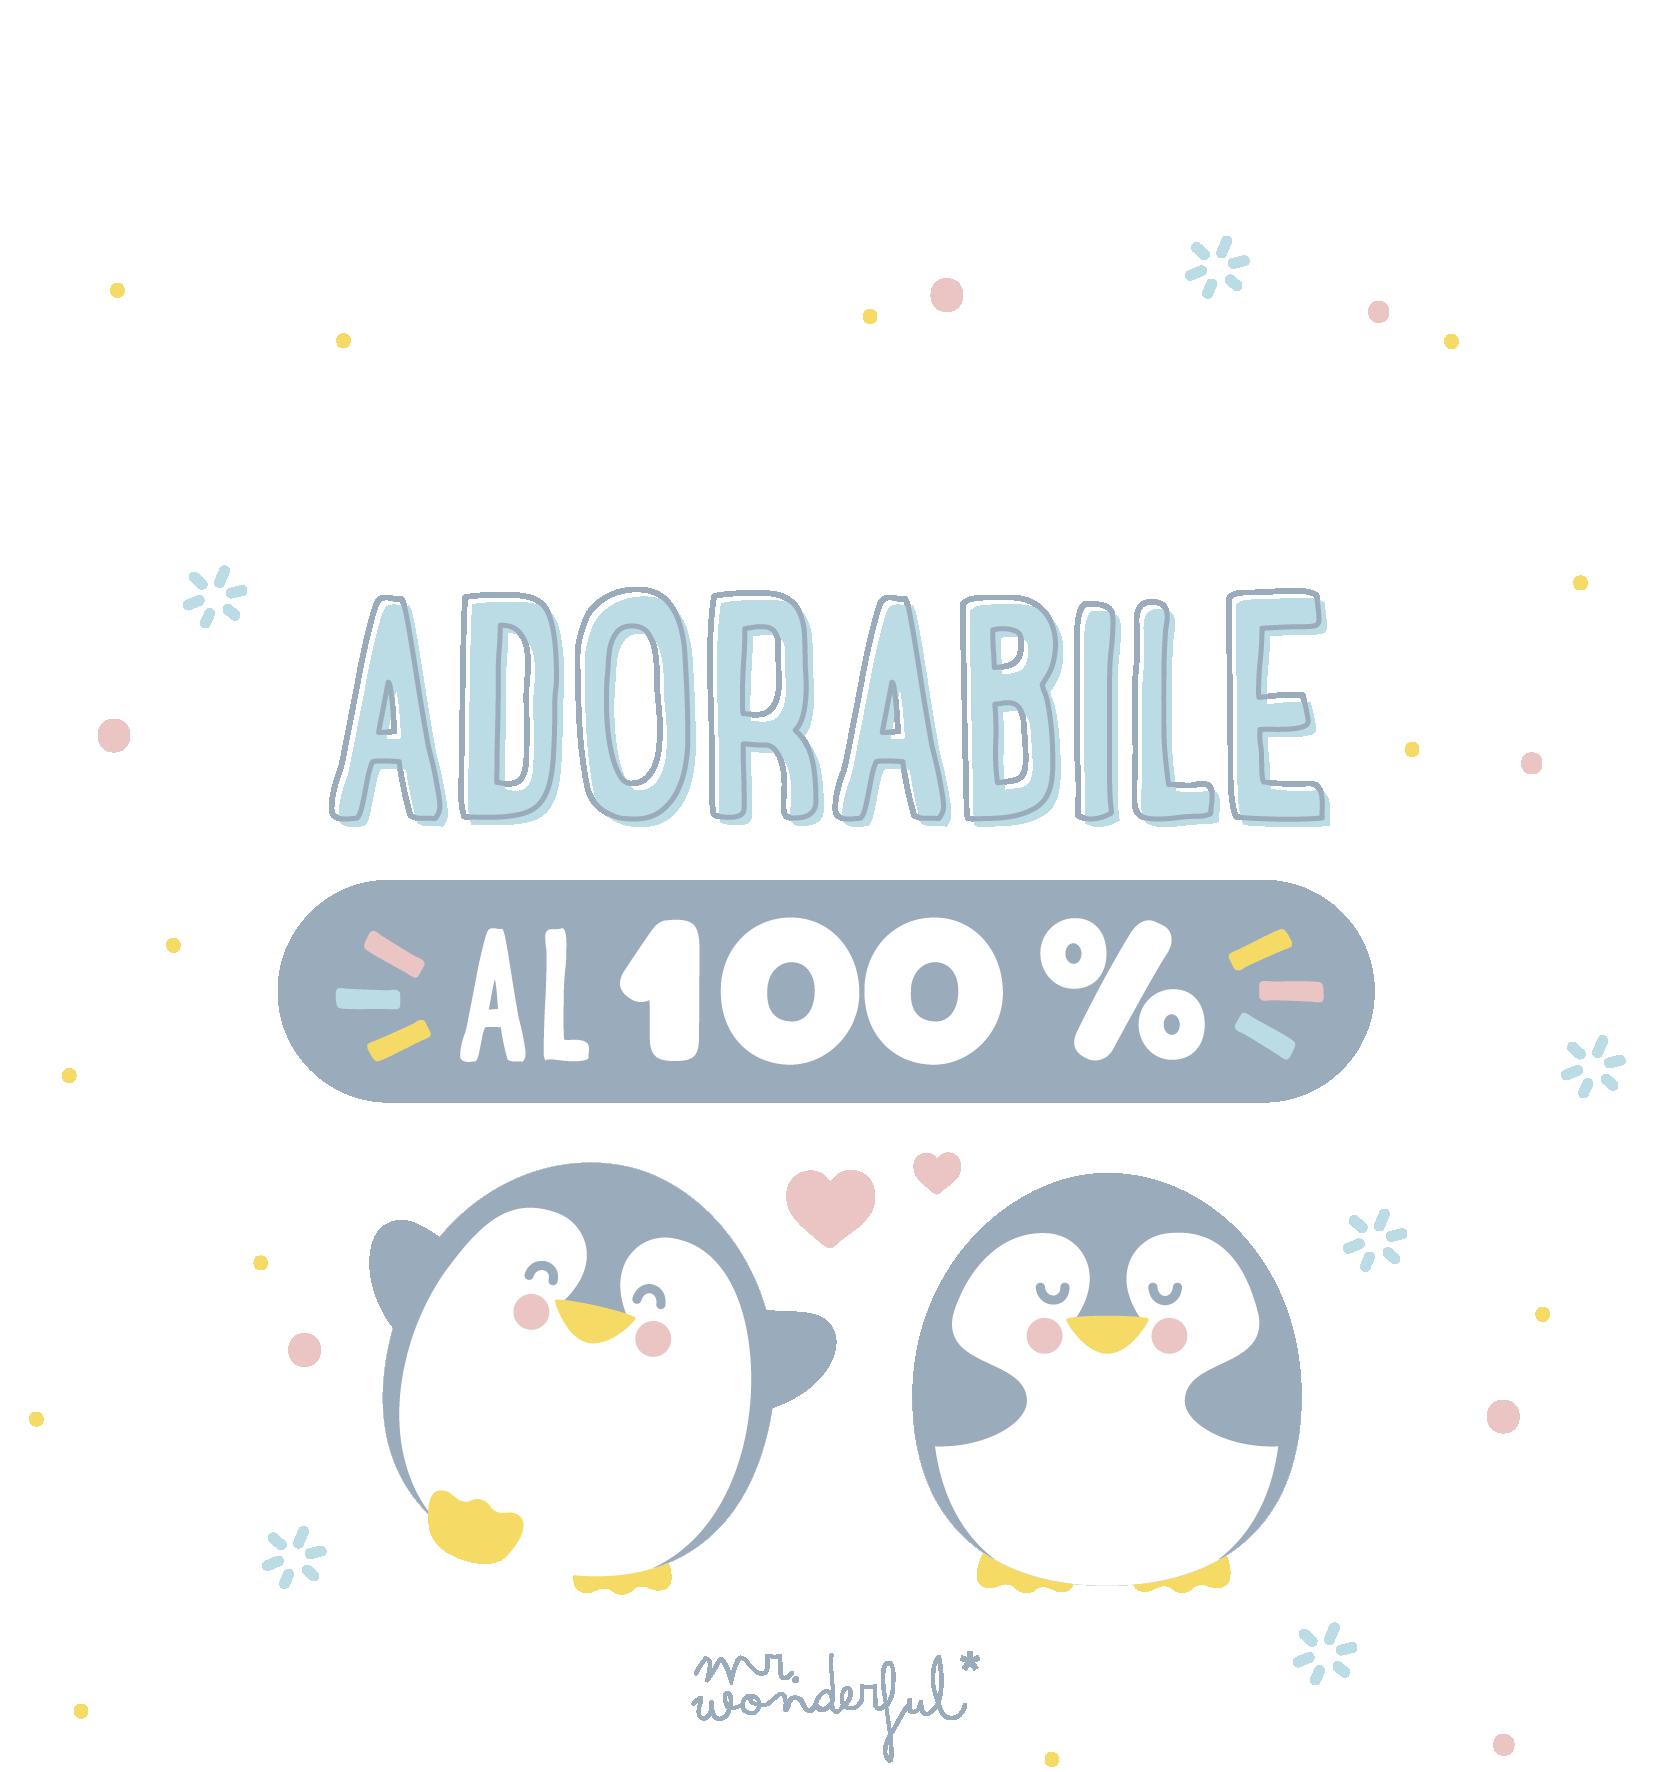 Adorabile al 100%